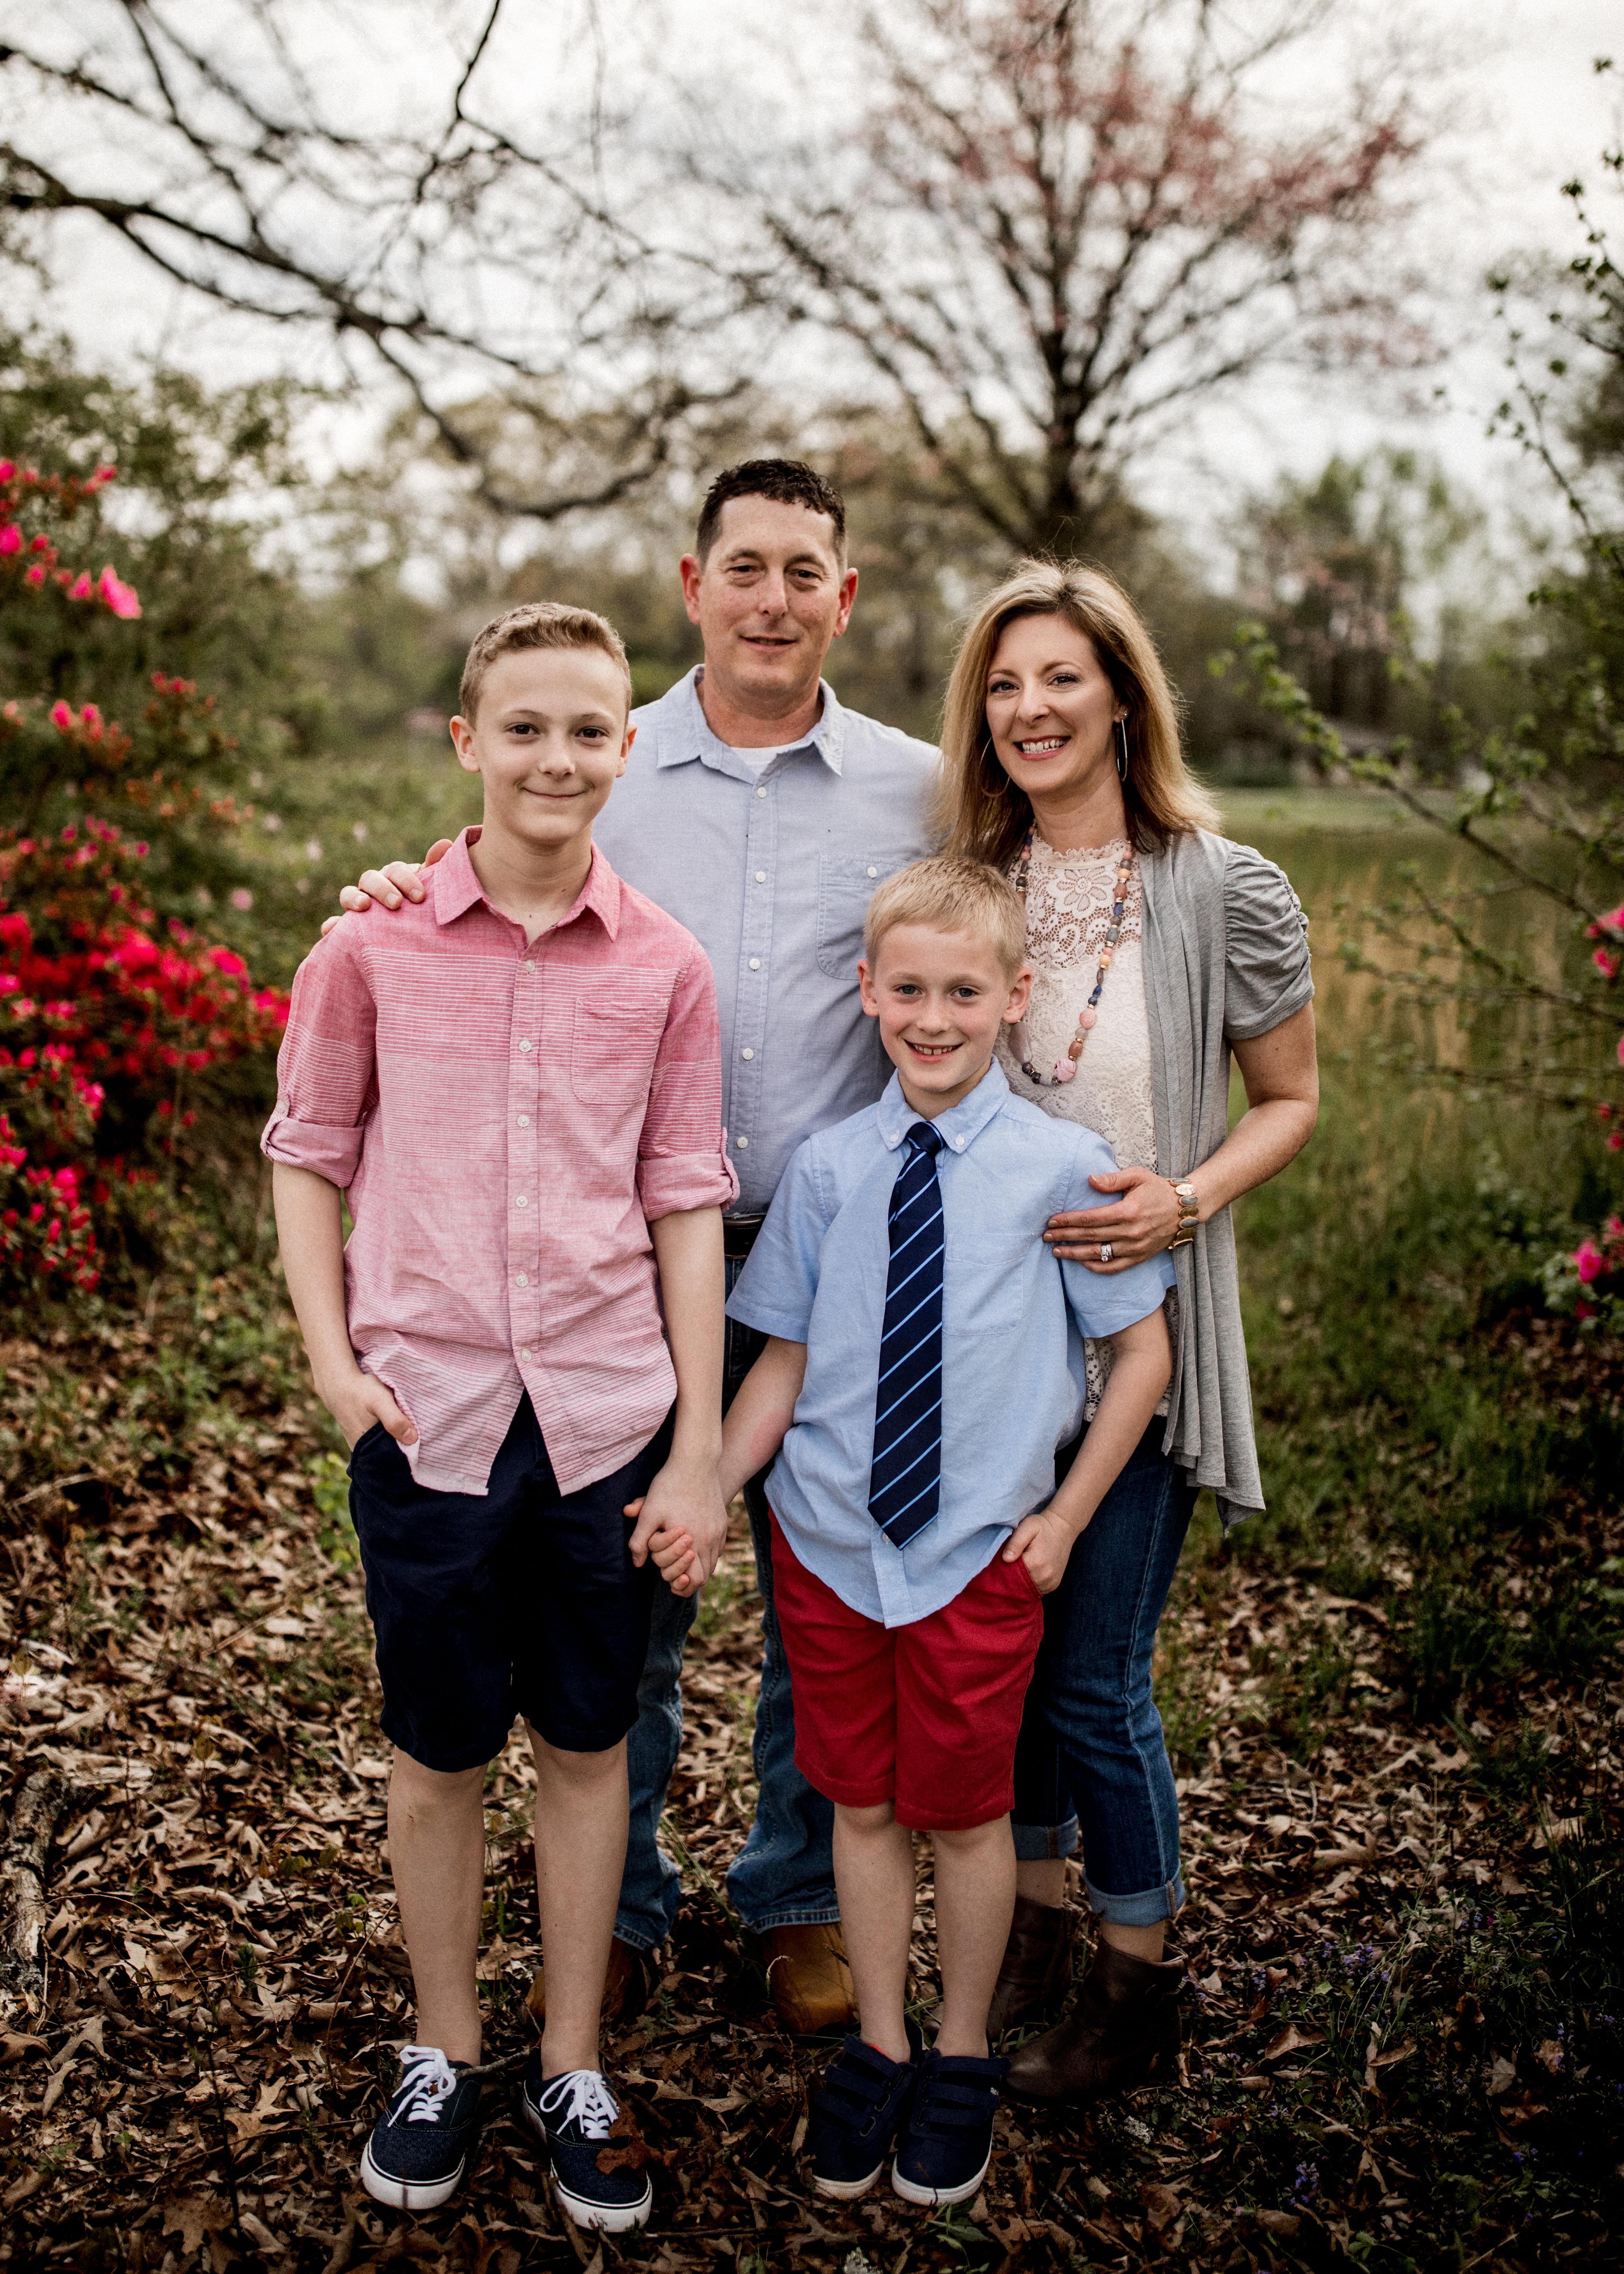 KelseyFarnhamPhotography-www.kelseyfarnham.com-mountainsfieldswoodsfamily-SouthCarolinaGreenville-13